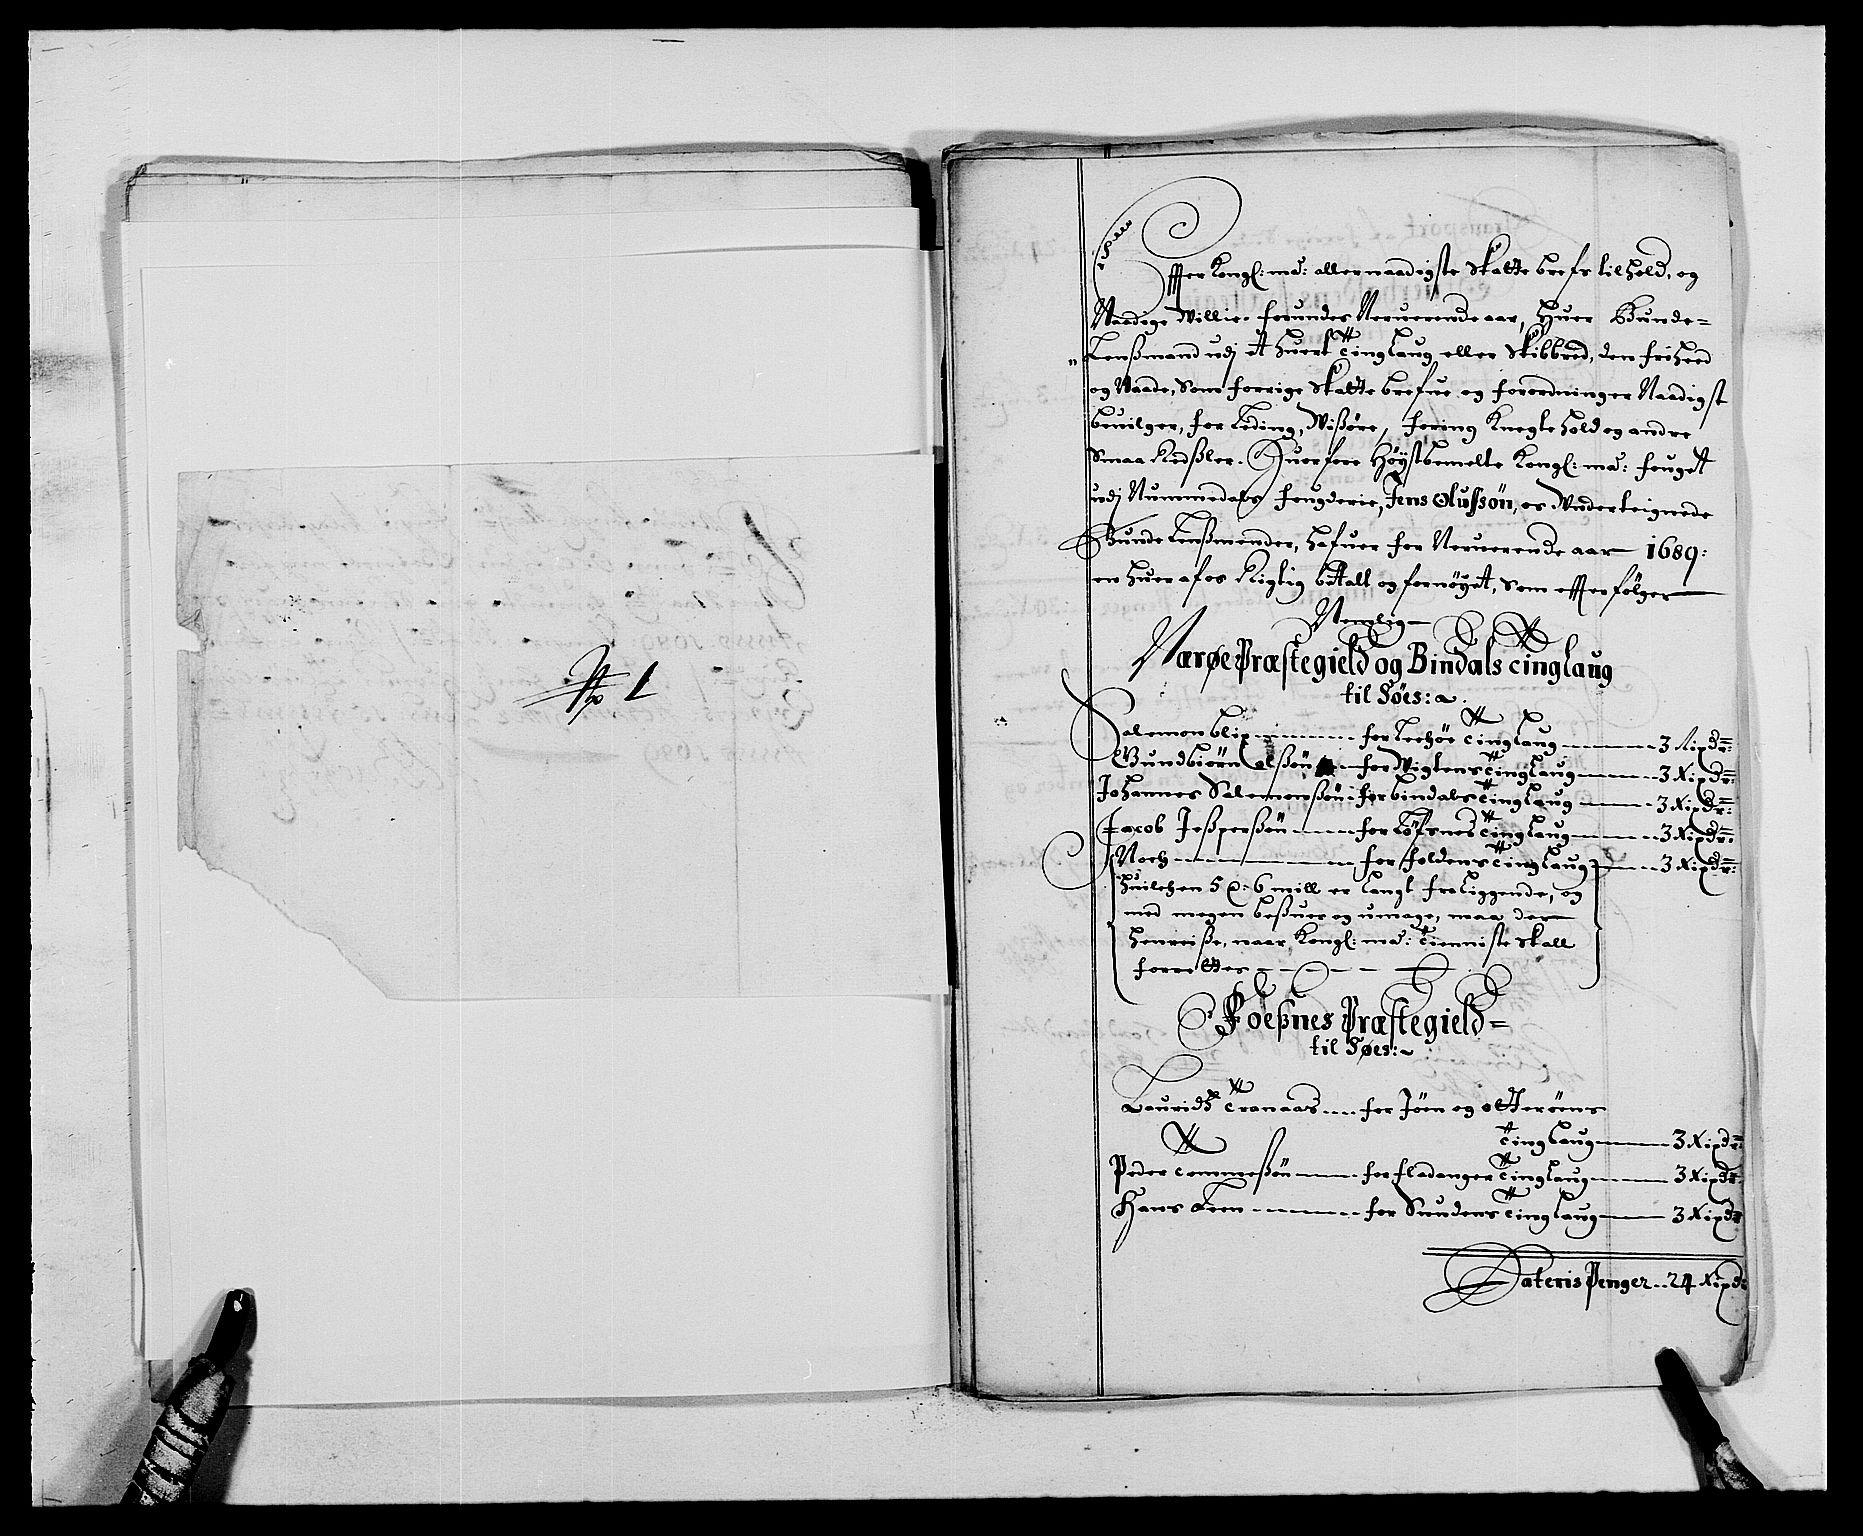 RA, Rentekammeret inntil 1814, Reviderte regnskaper, Fogderegnskap, R64/L4422: Fogderegnskap Namdal, 1687-1689, s. 292